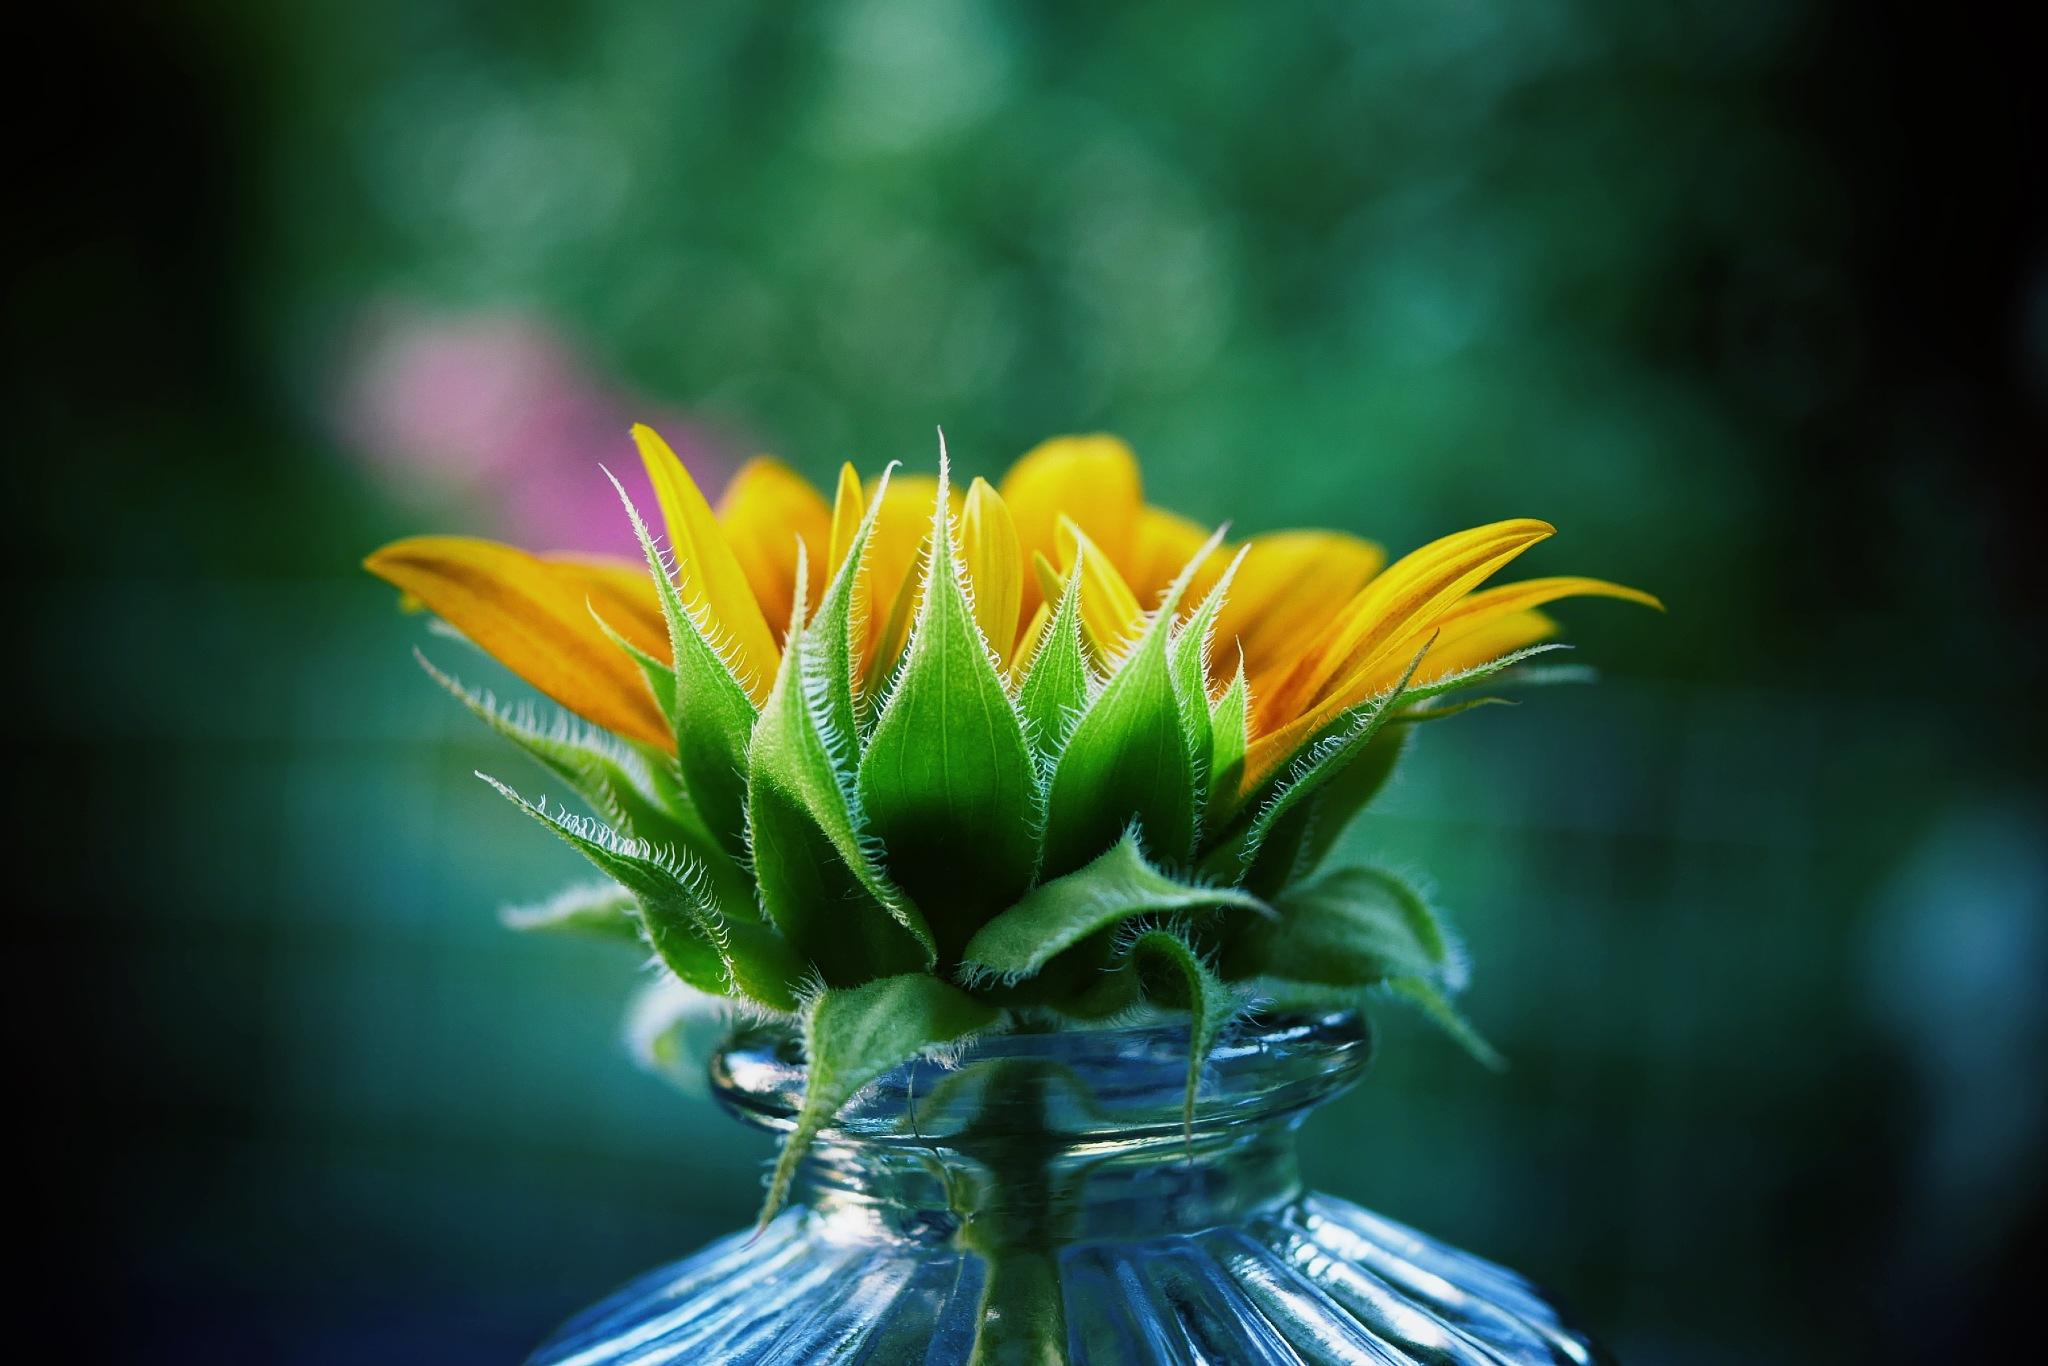 Sunflower in the garden! by Cicki Jarneberg